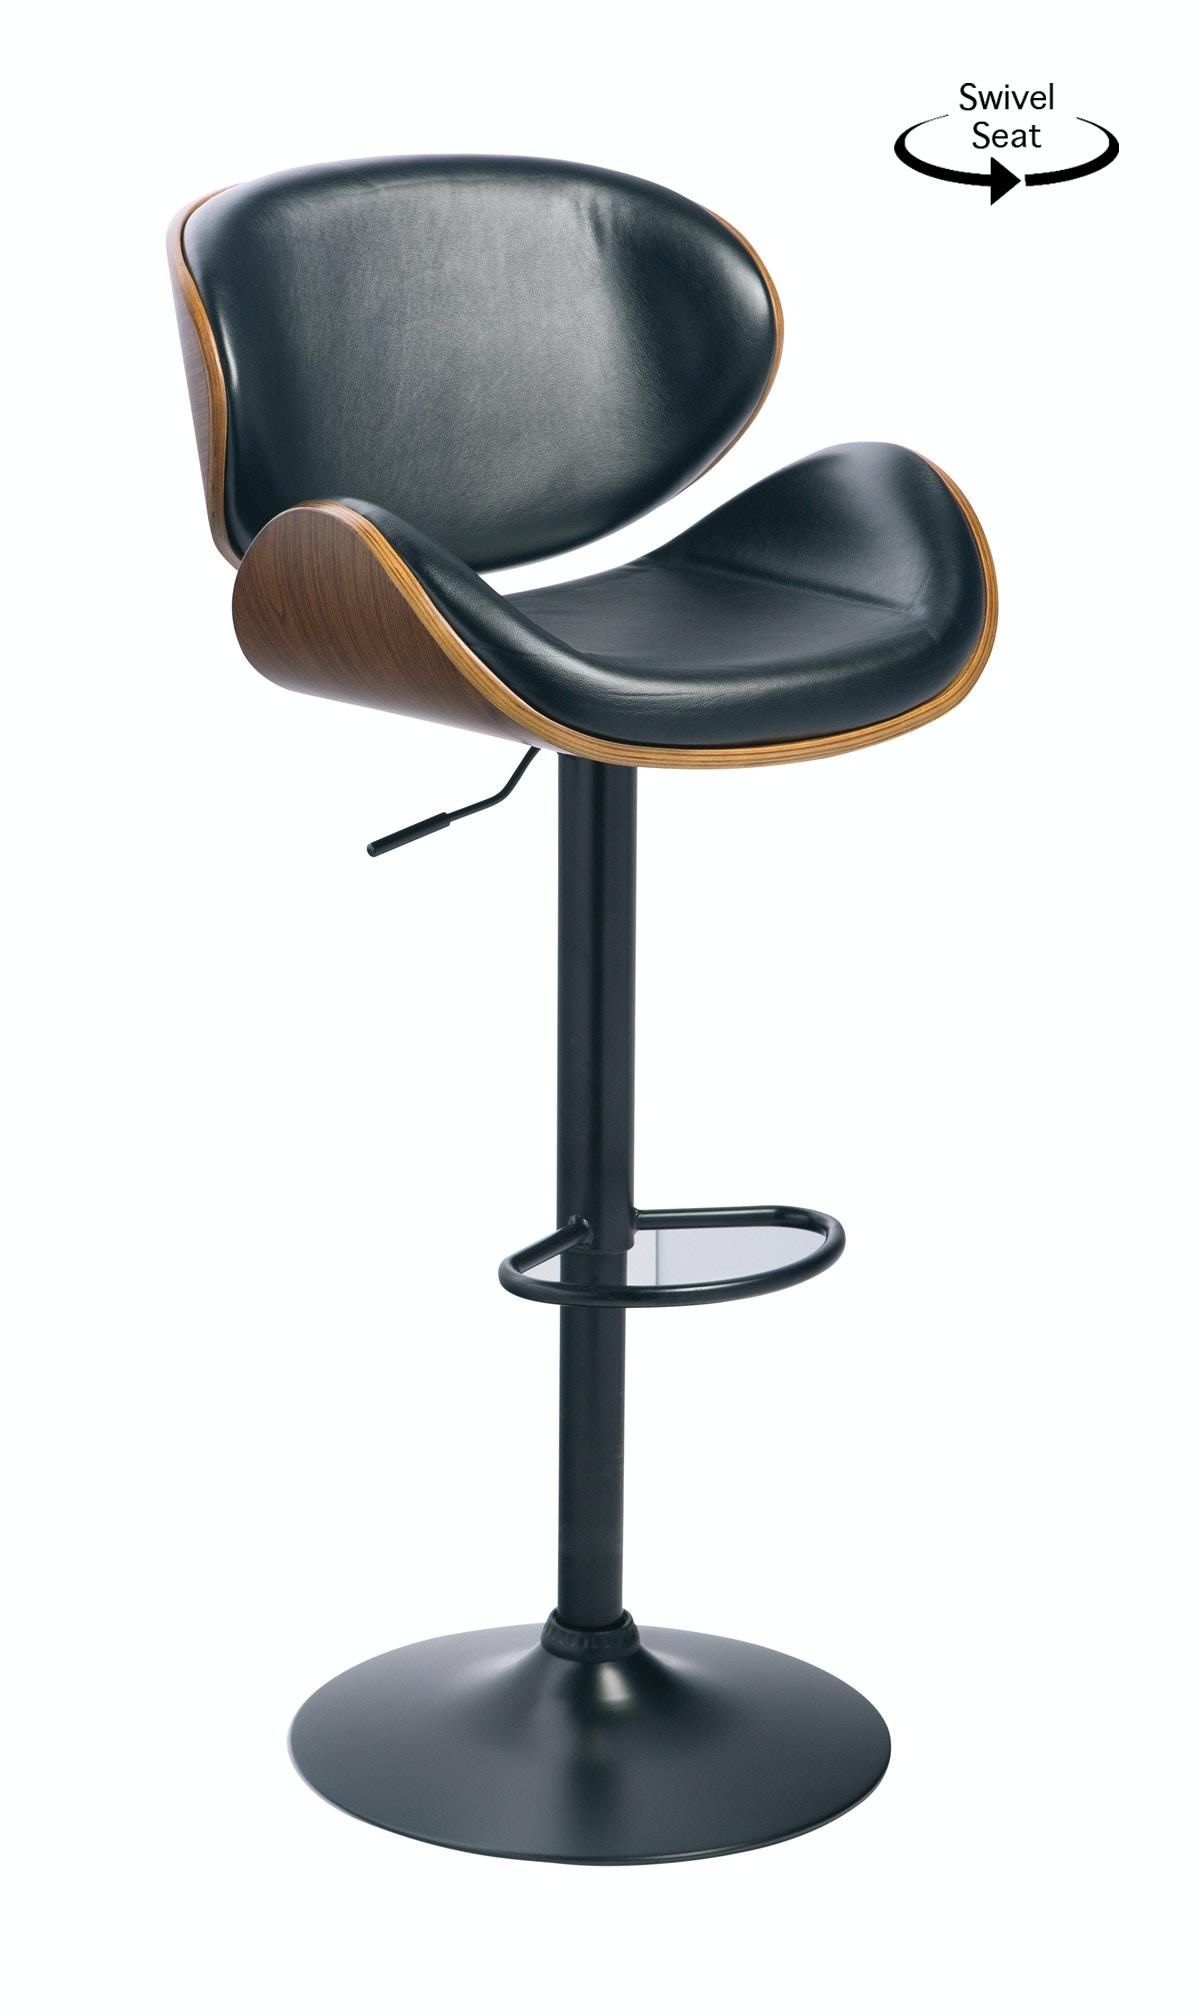 Captivating Signature Design By Ashley Adjustable Swivel Barstool   Black 055816